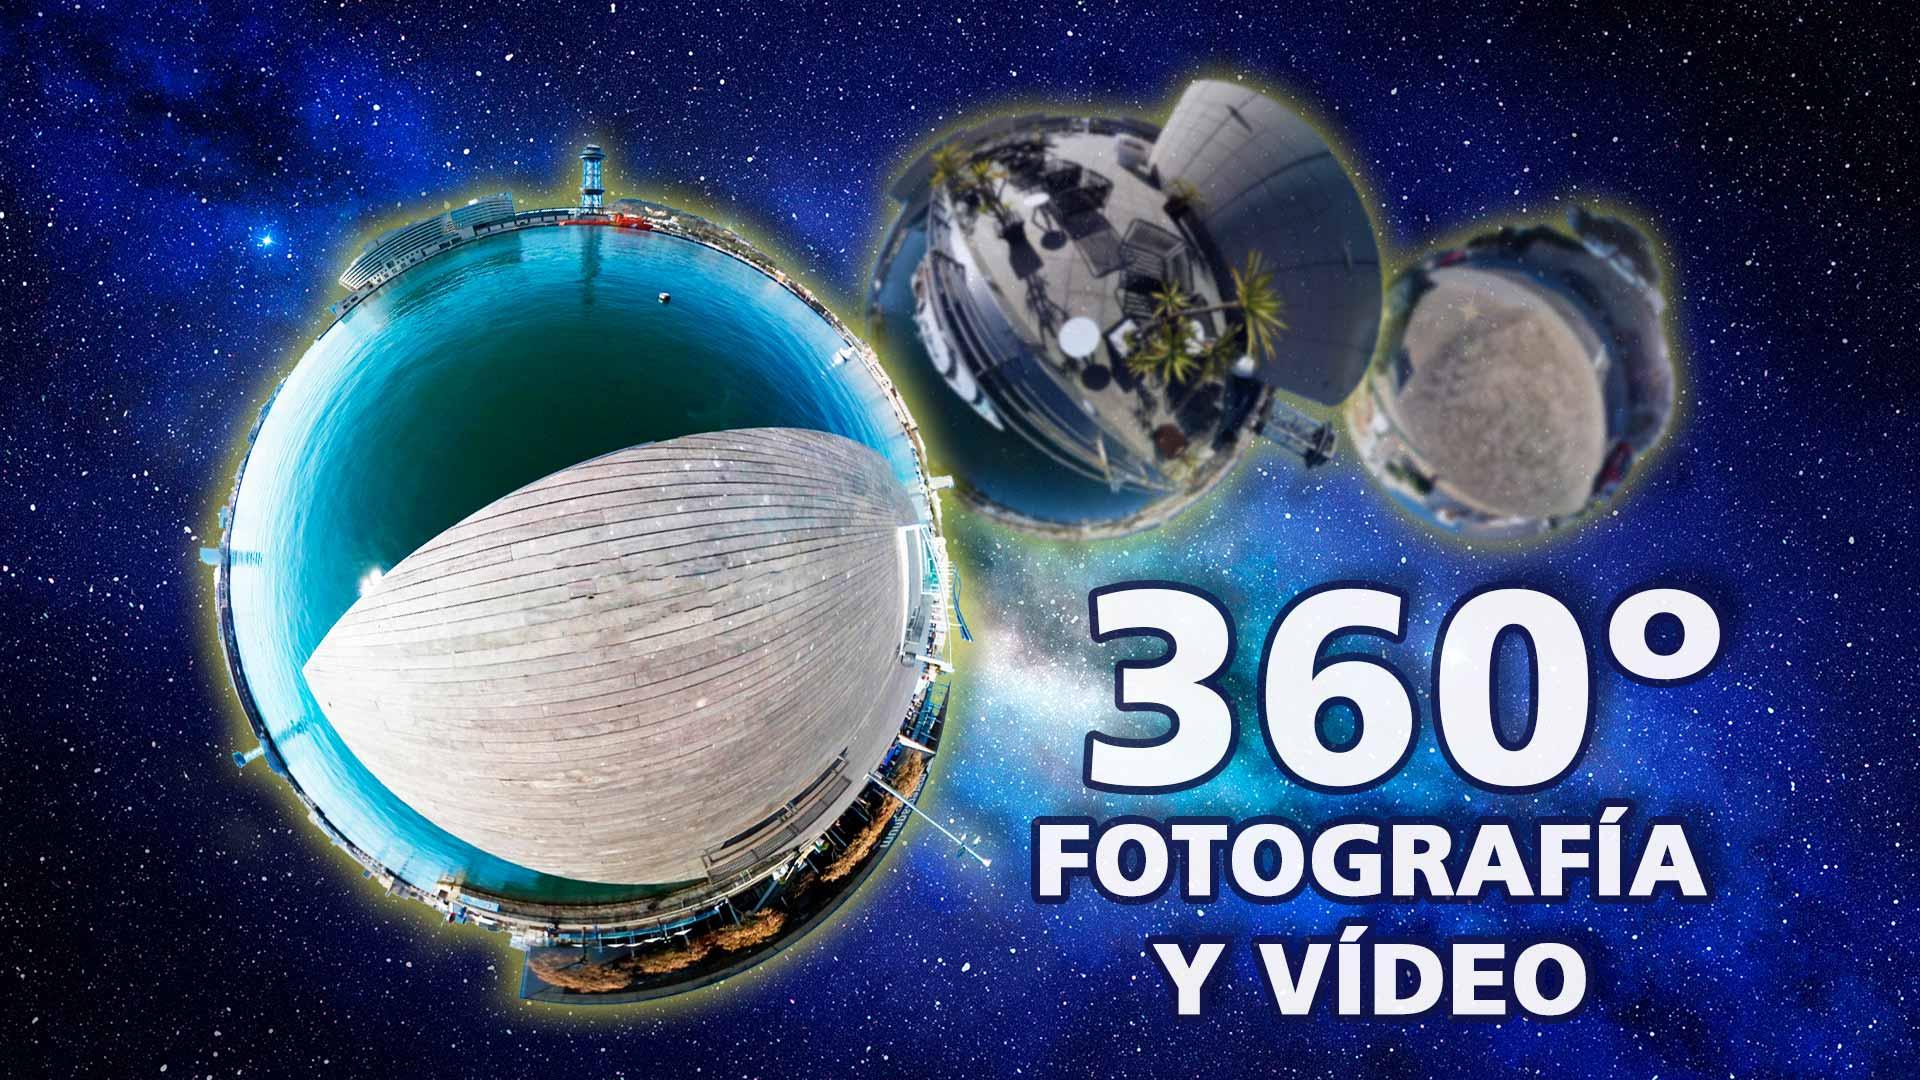 Qué son las fotos y vídeos 360 grados